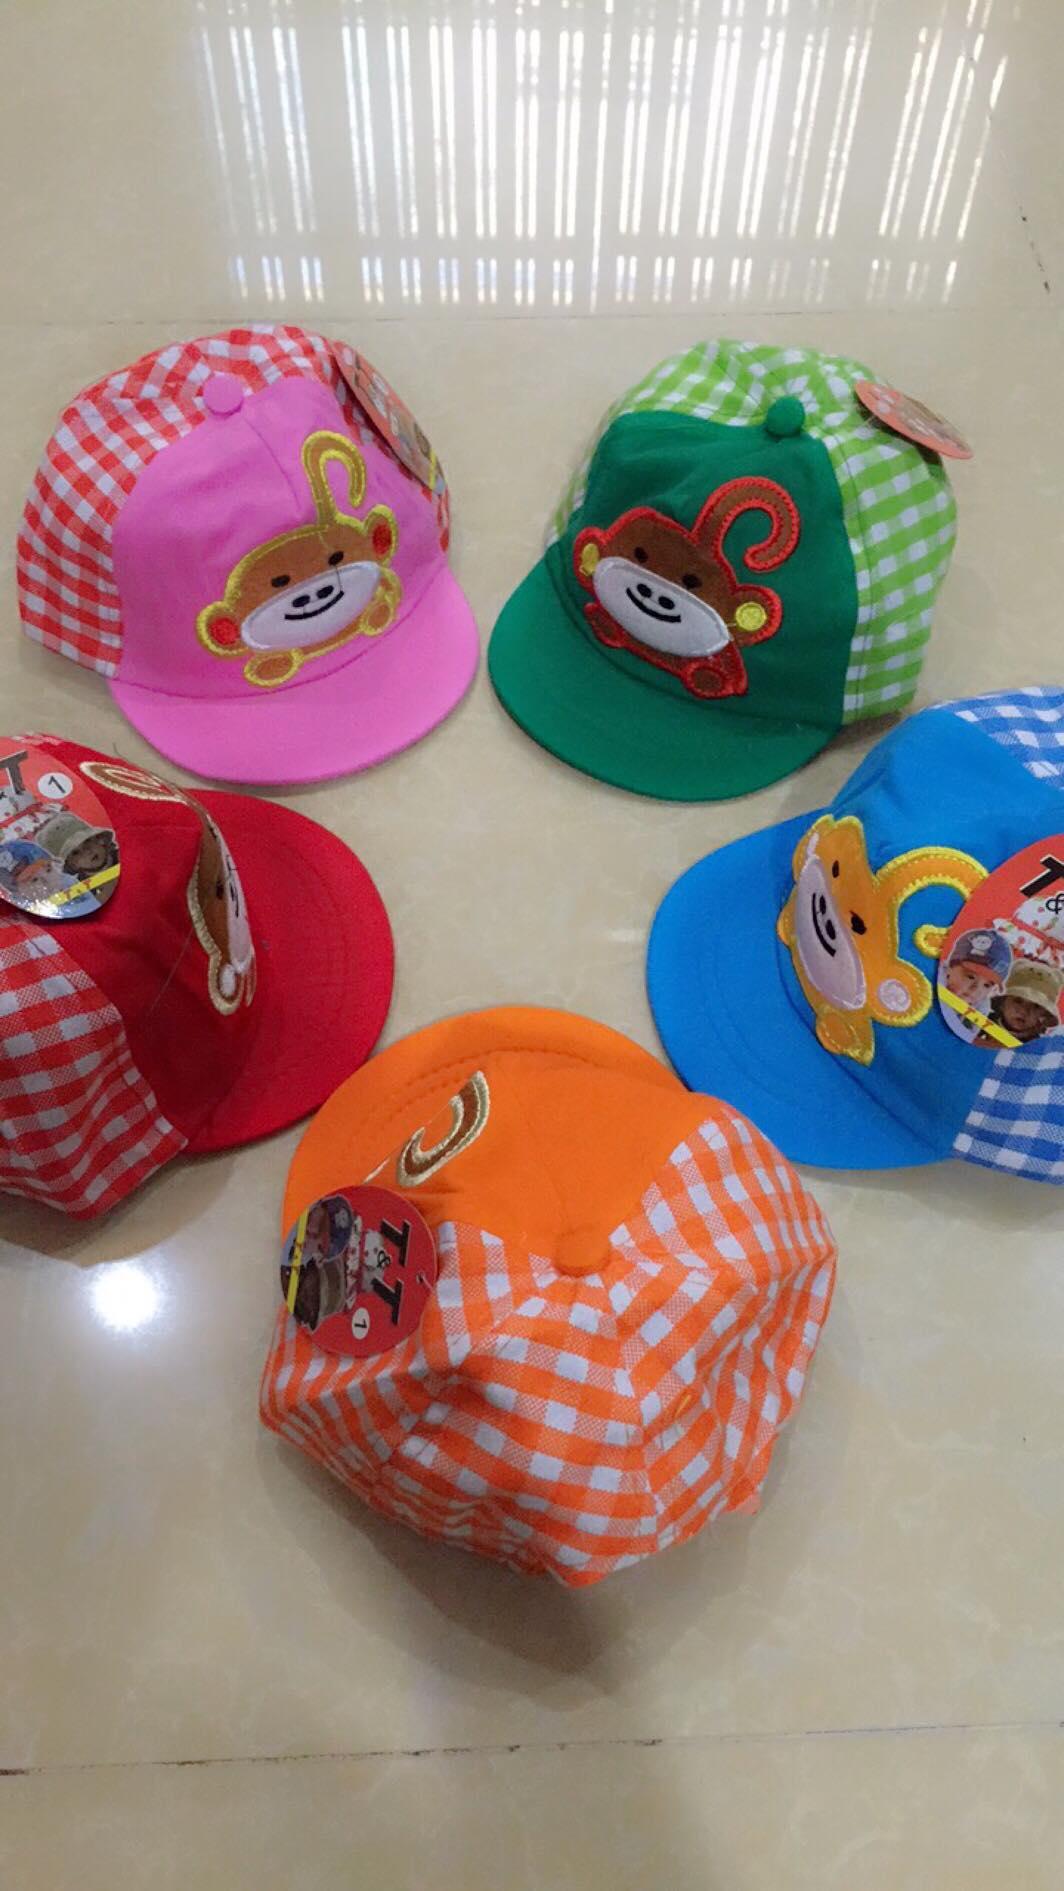 Hình ảnh nón két dành cho bé trai chất vải cực mềm có nhiều màu ( giao màu ngẫu nhiên)